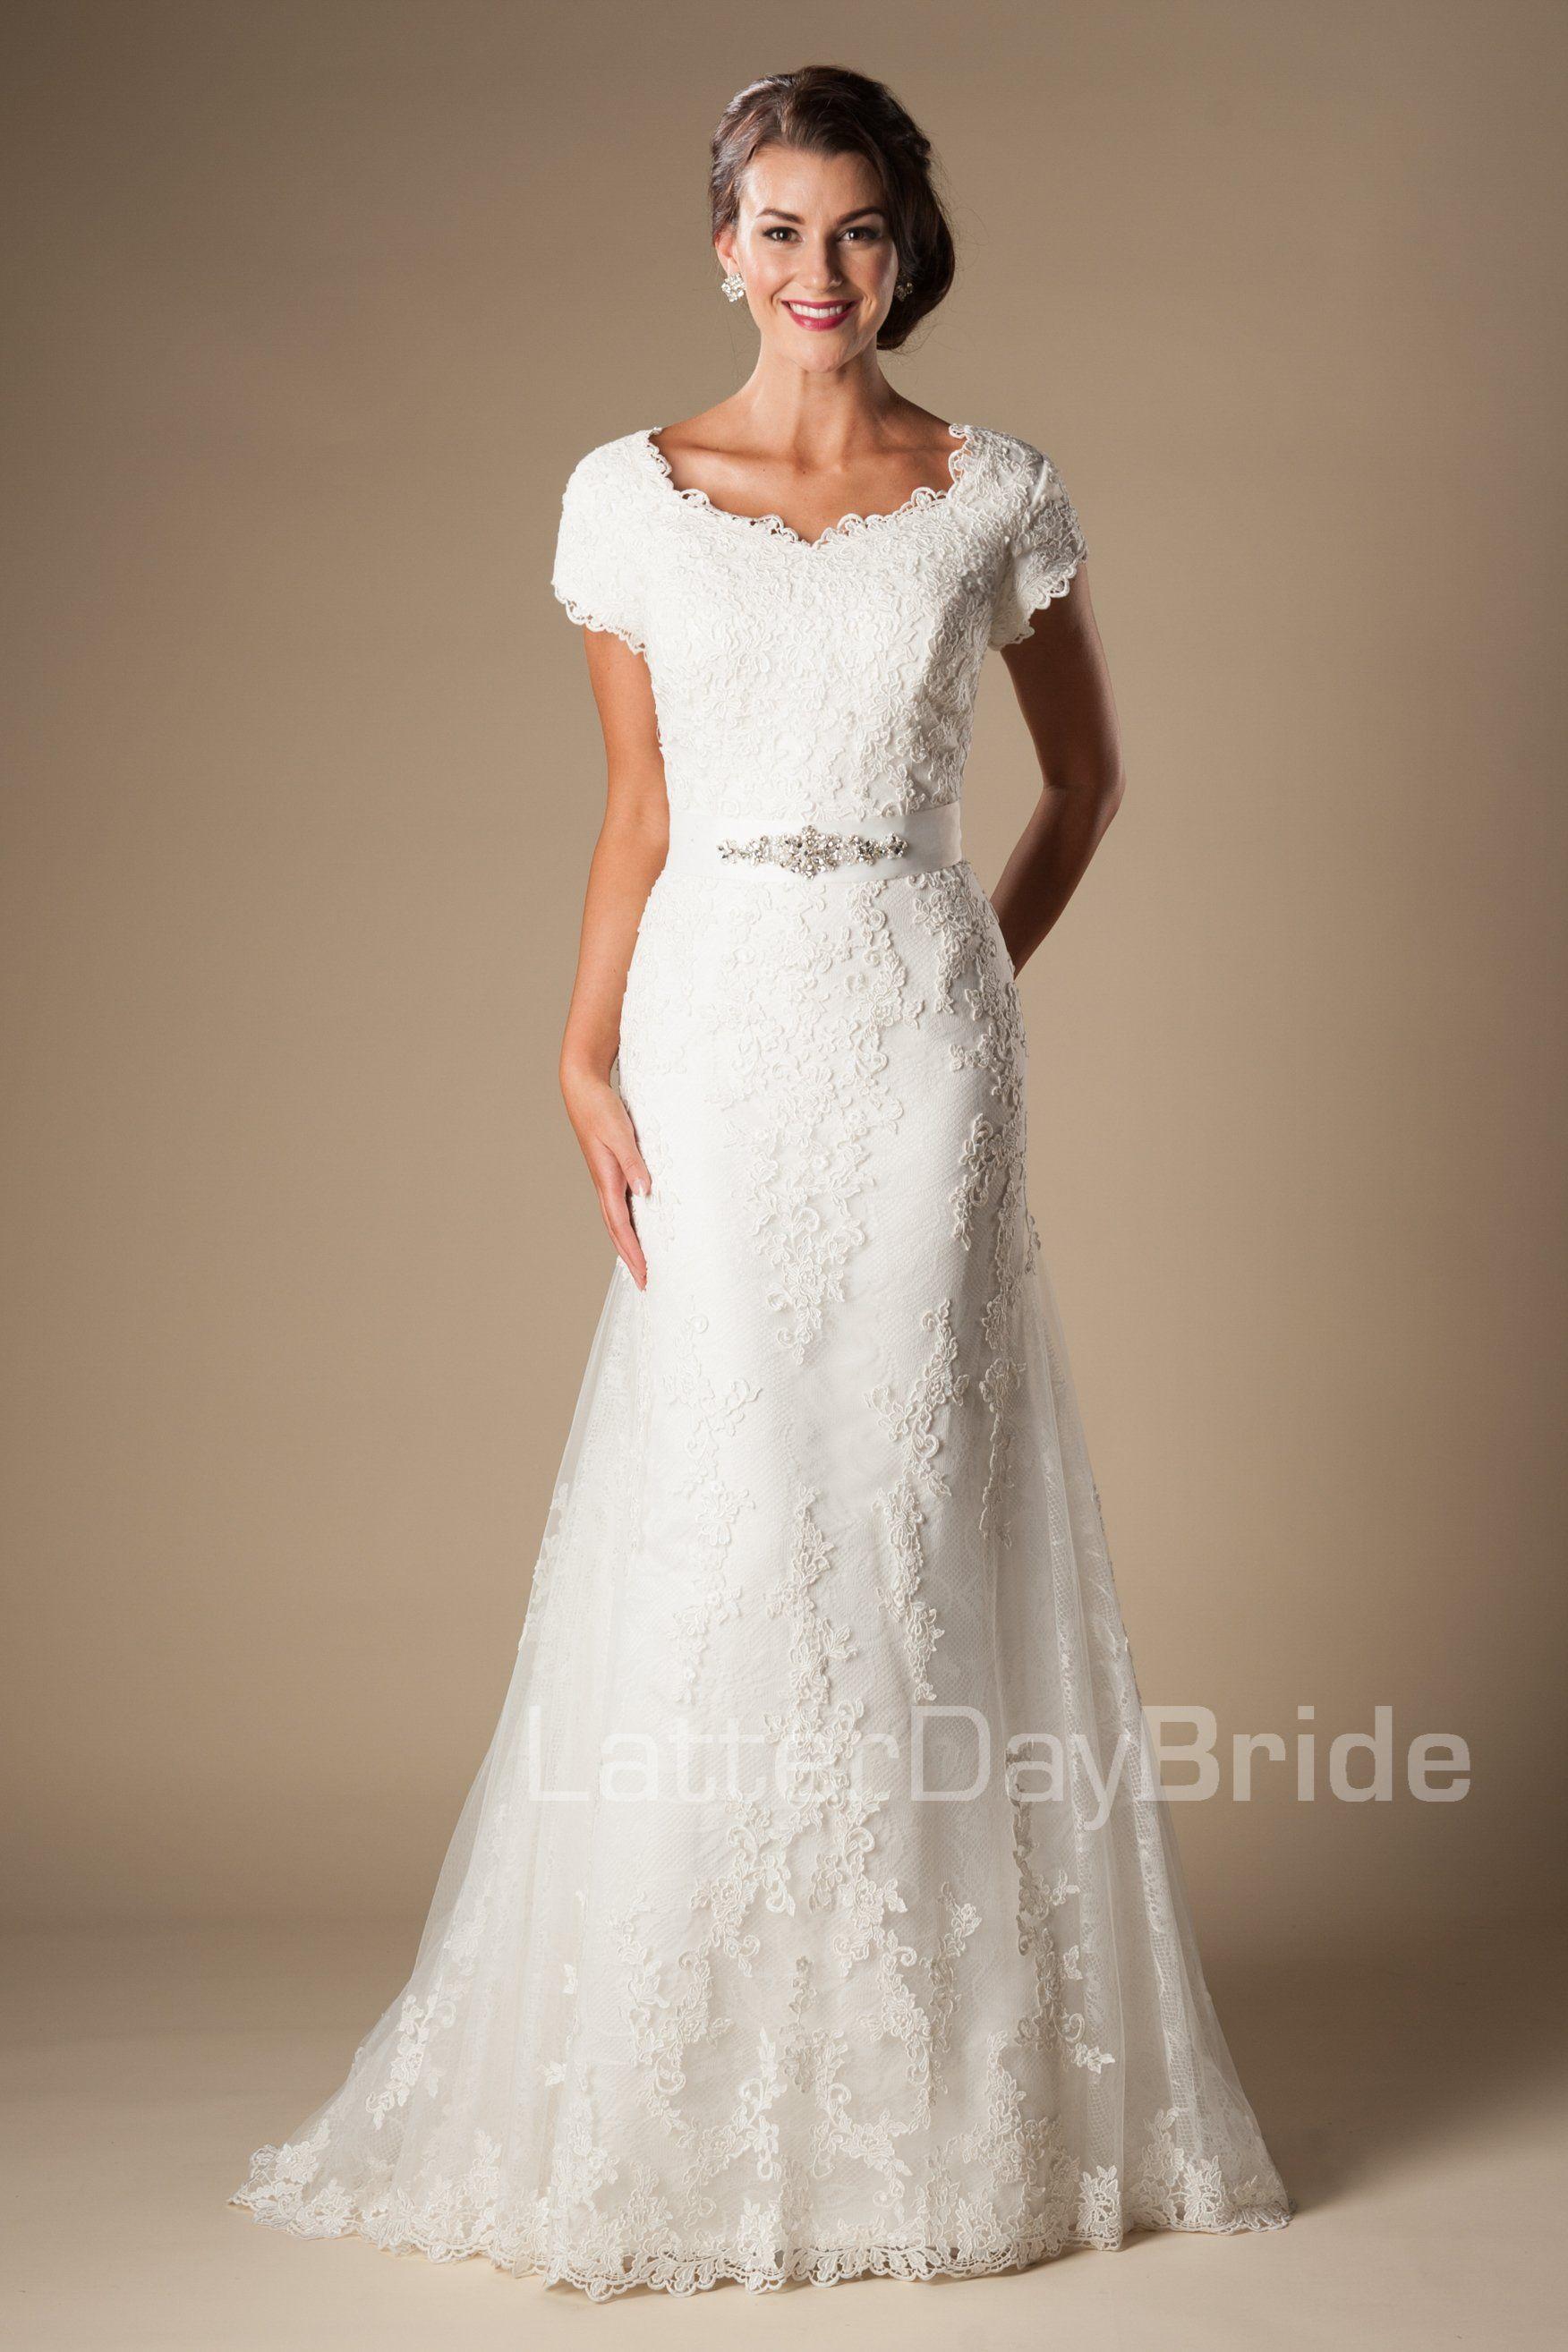 Emmerson Modest Wedding Dresses Wedding Dresses Lace Modest Dresses [ 2628 x 1752 Pixel ]